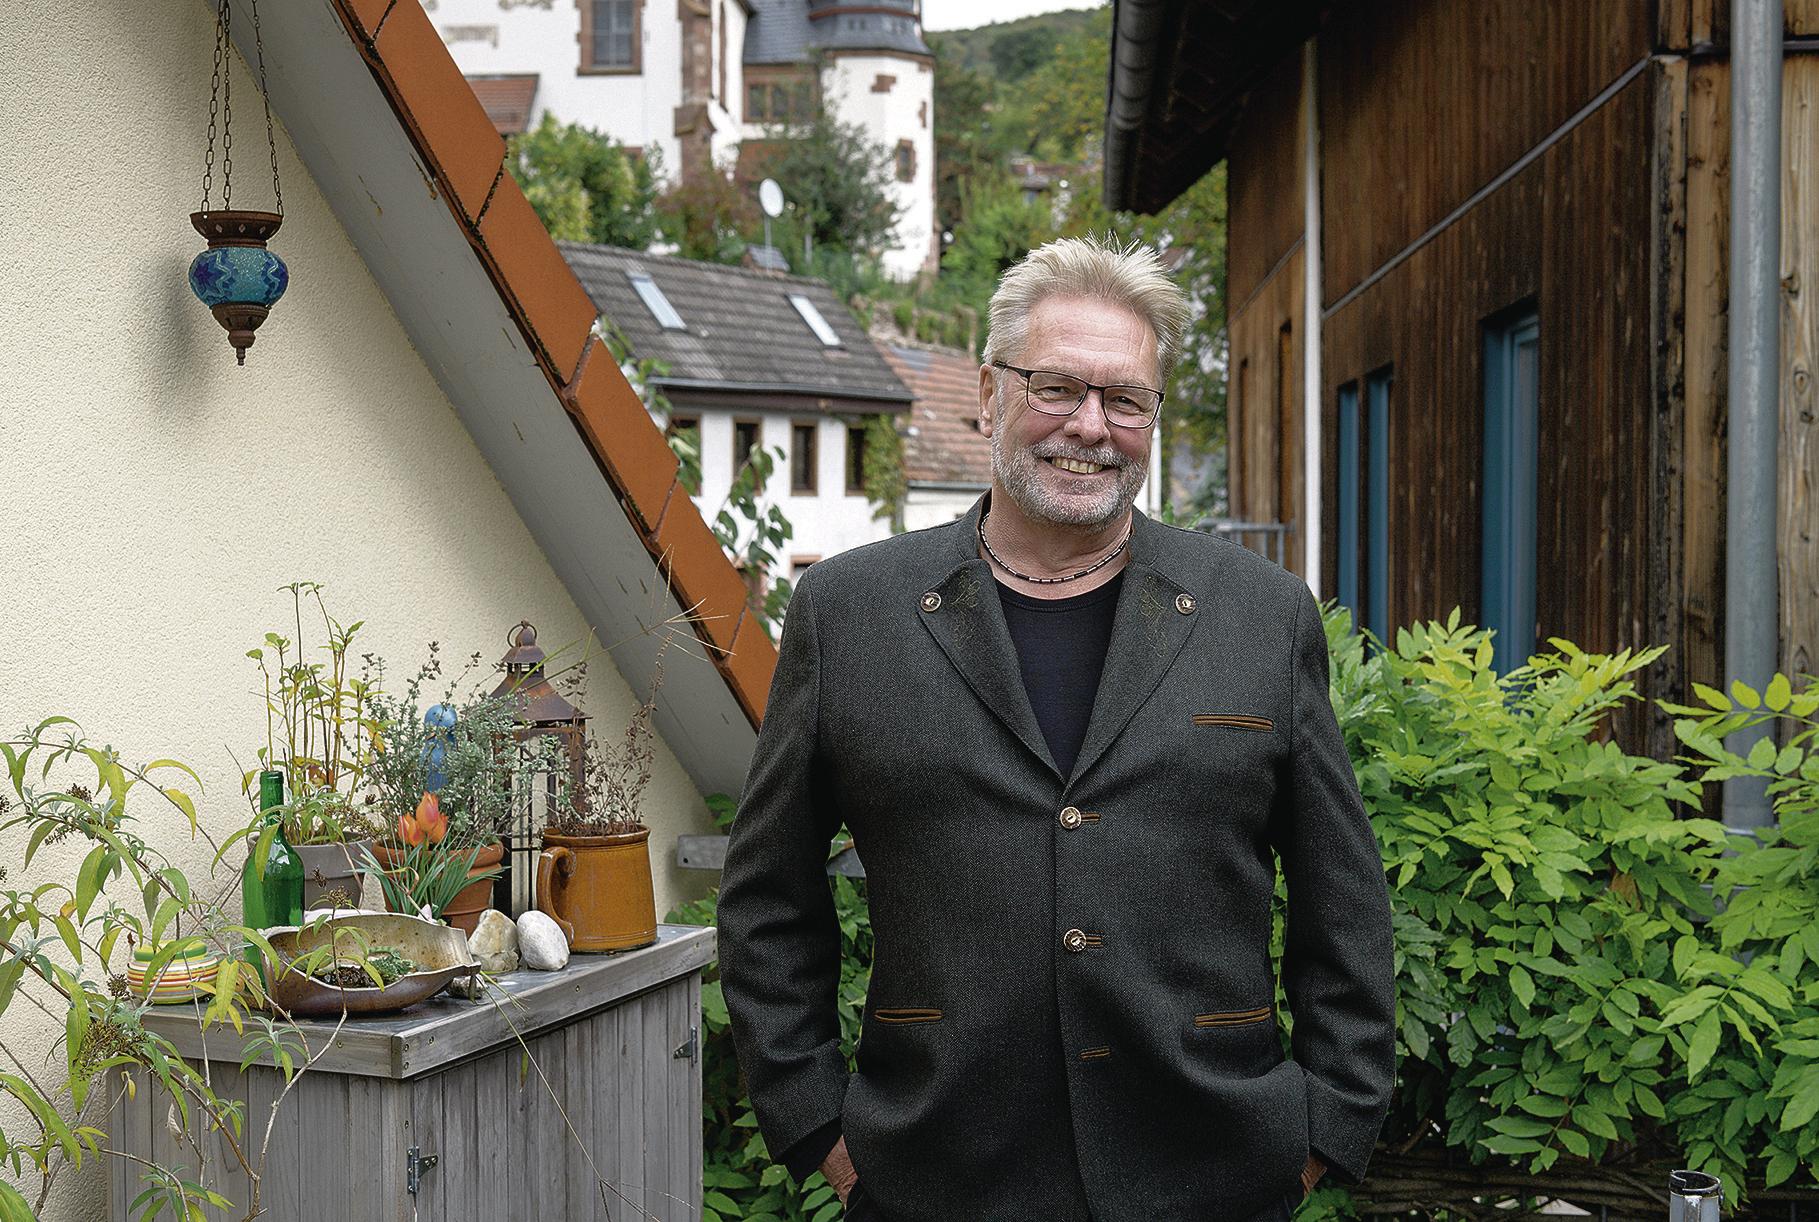 Heidelberg Rohrbach Hans Jurgen Fuchs Wird Als Vorsitzender Des Stadtteilvereins Verabschiedet Nachrichten Aus Heidelberg Rnz